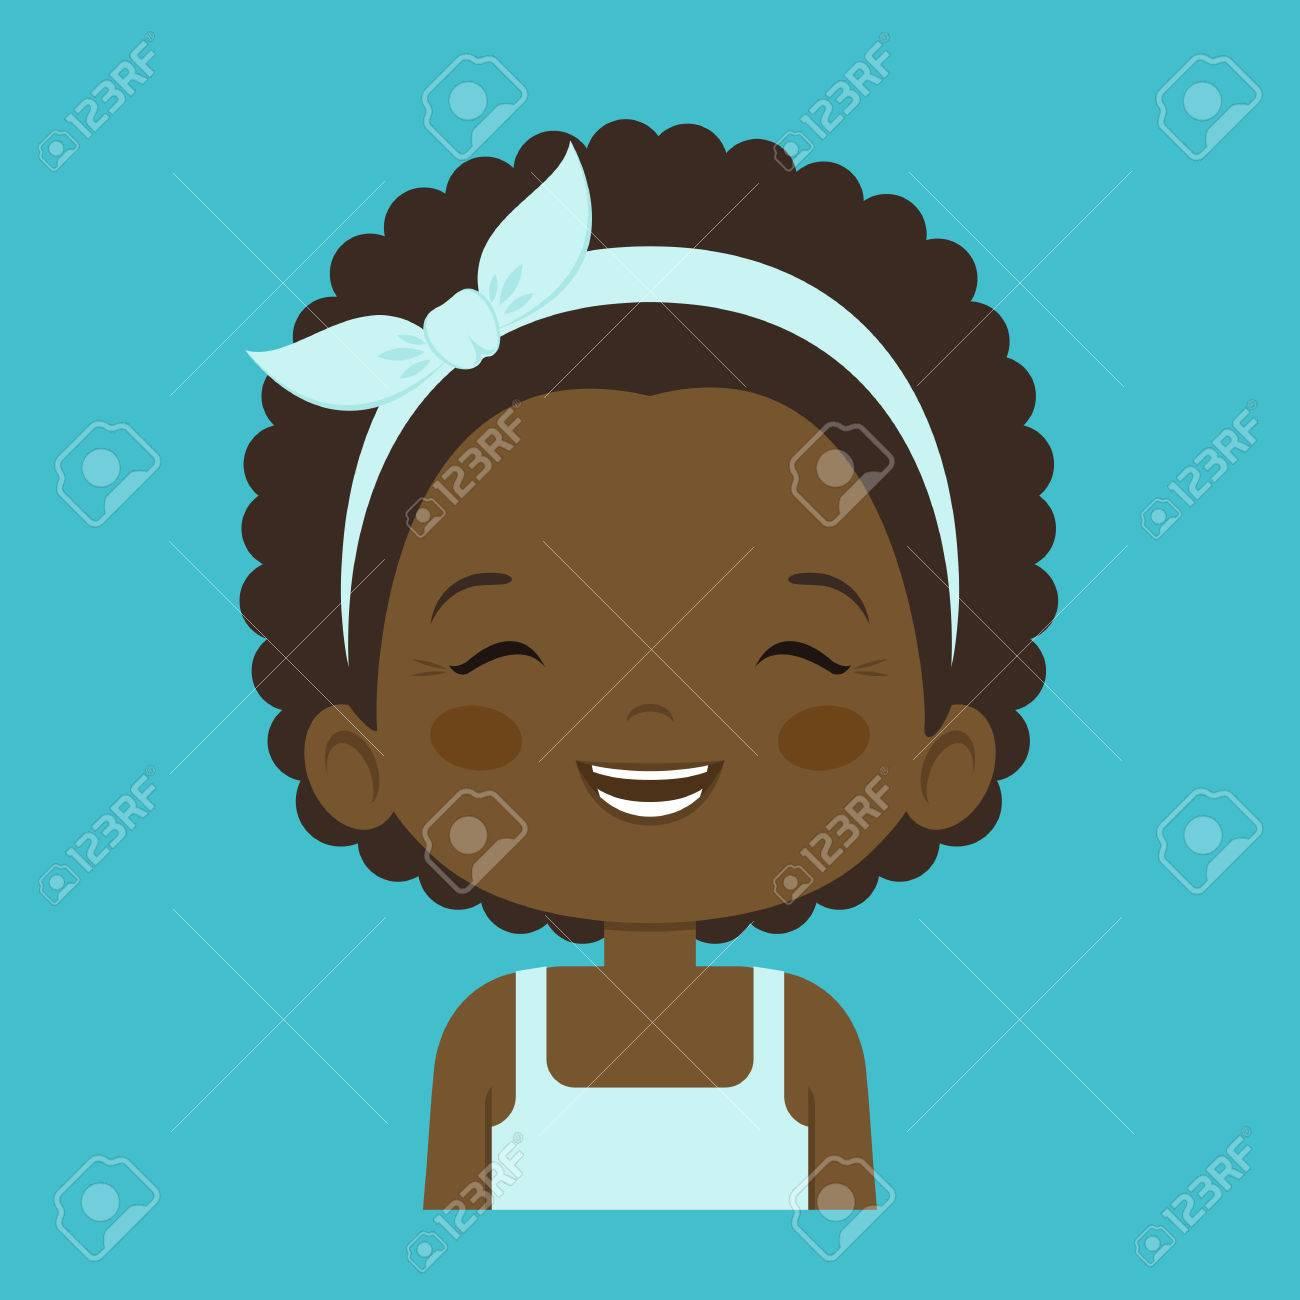 Fillette Africaine Rire Expression Faciale Dessin Animé Vector Illustrations Isolées Sur Fond Bleu Jolie Petite Fille Emoji Riant De La Charge Avec